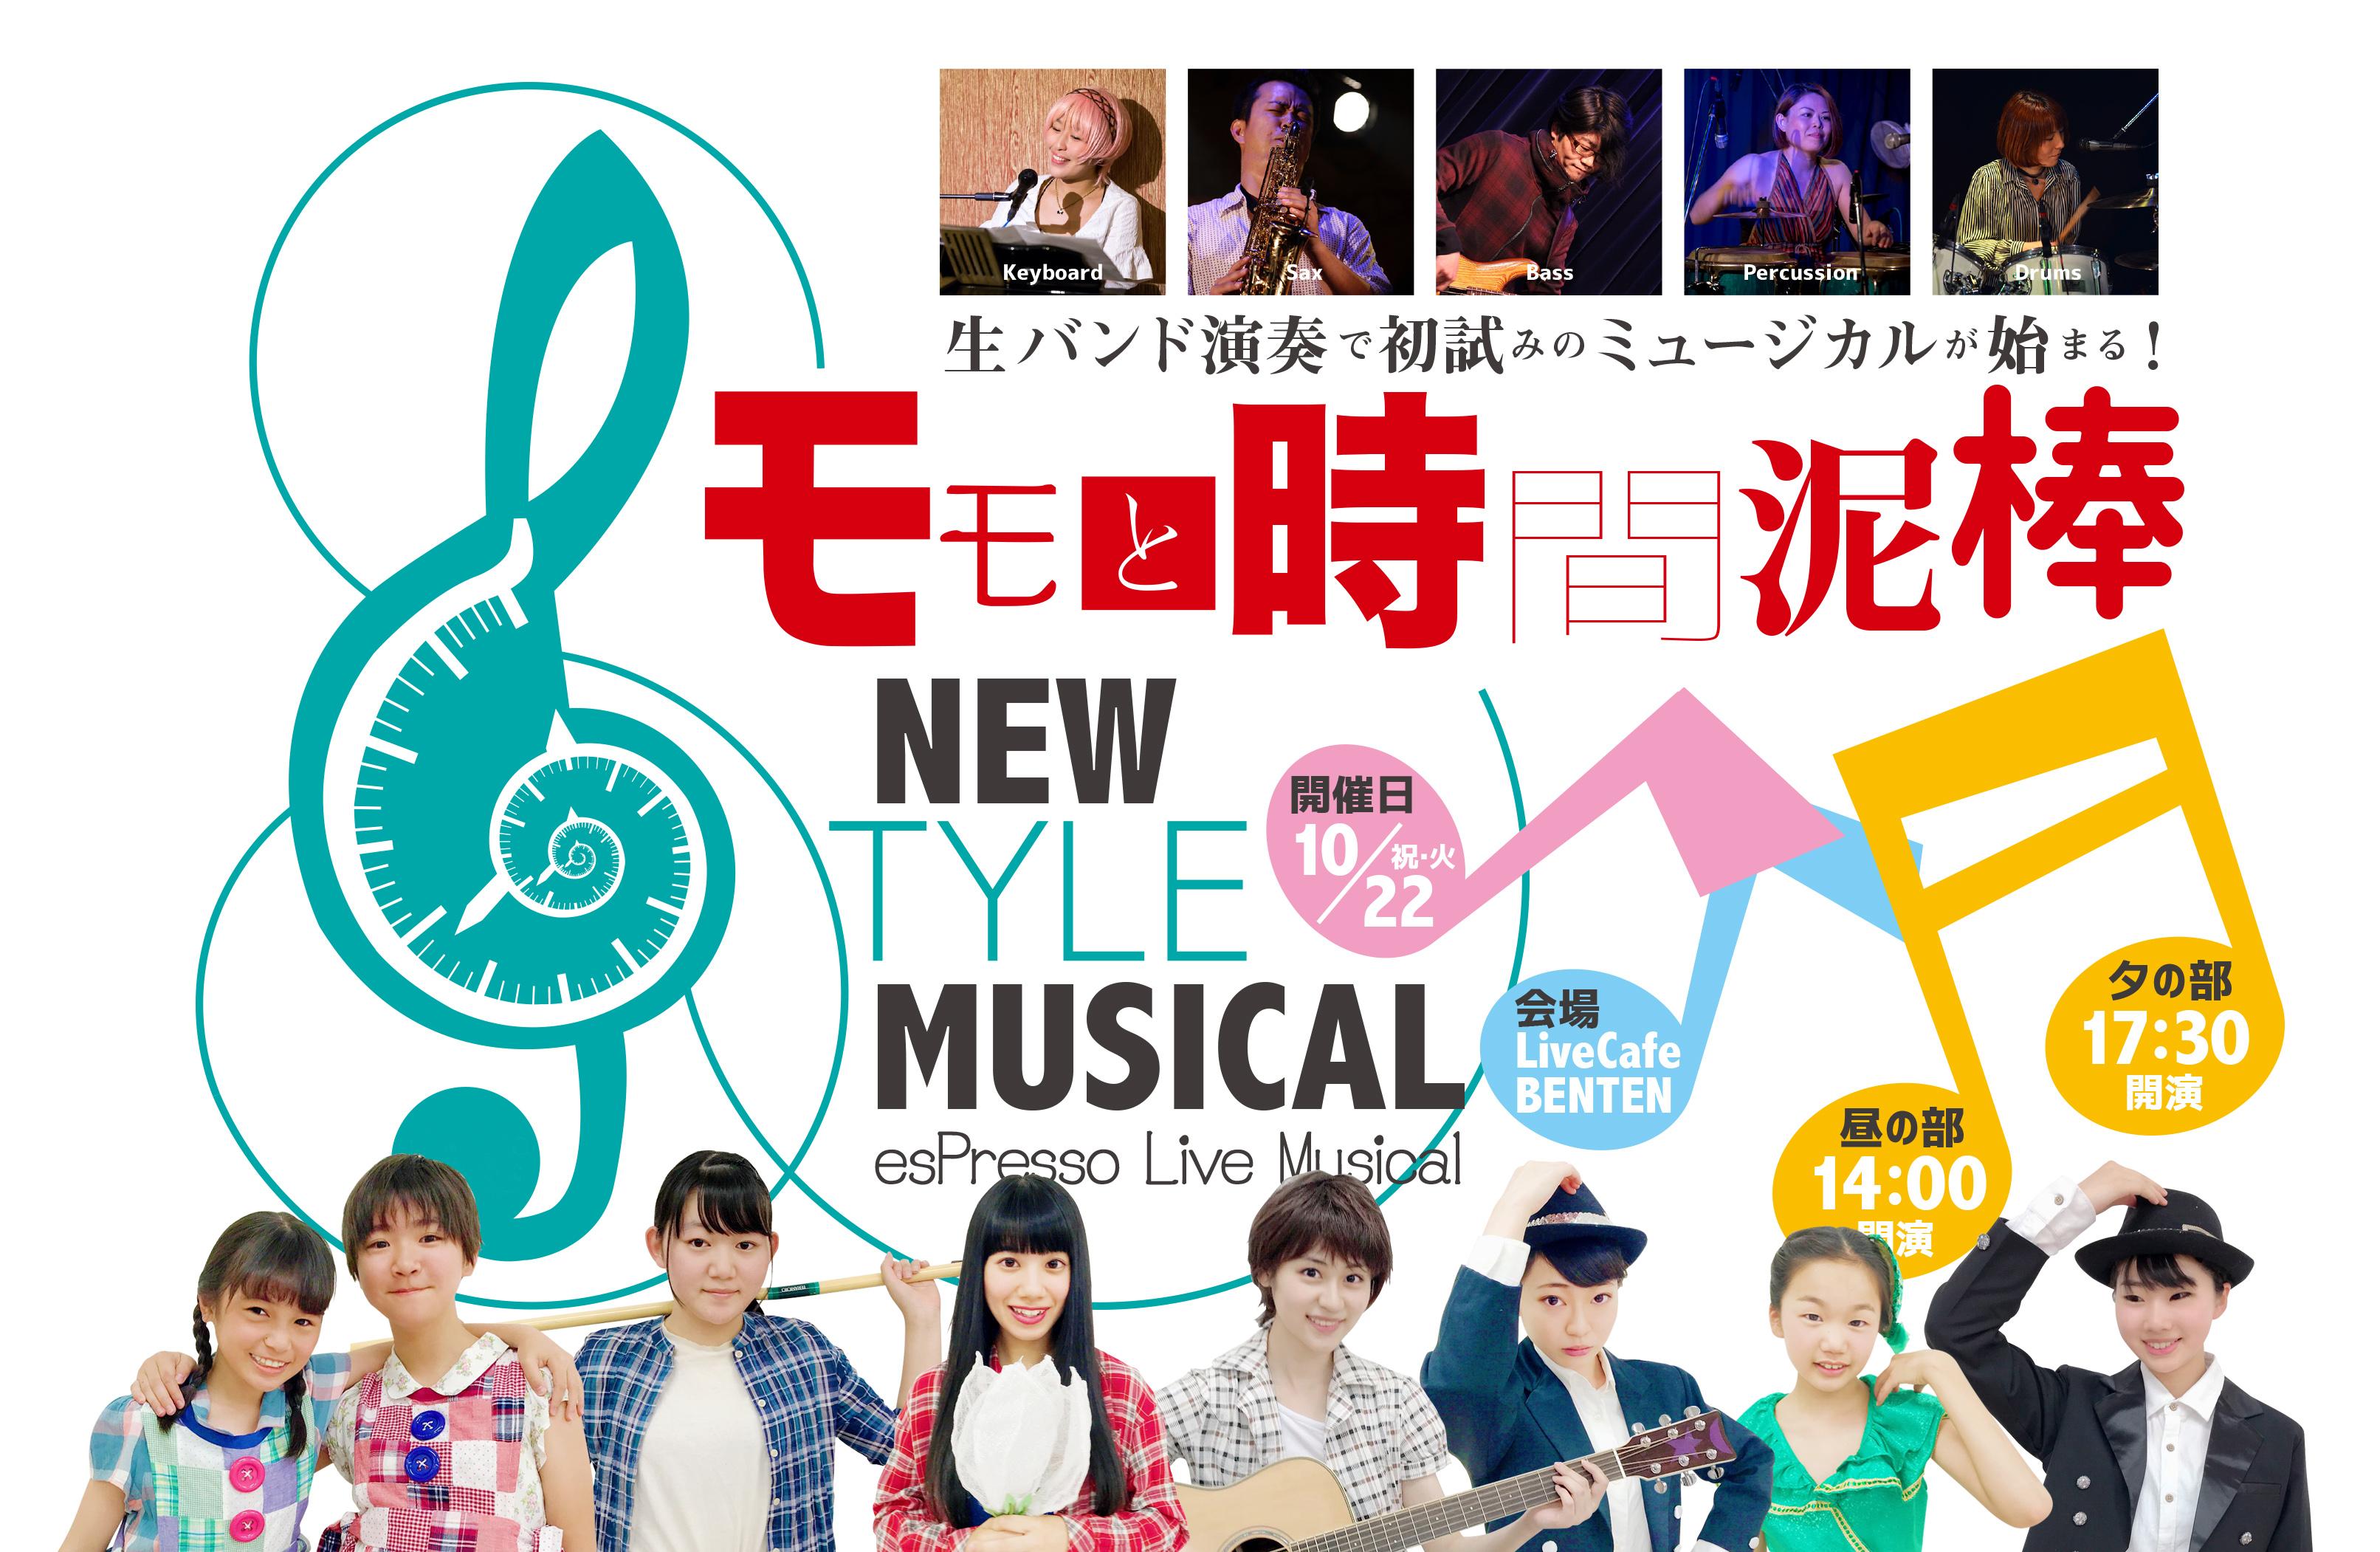 10/22(祝・火)esPresso Live Musical 【モモと時間泥棒】